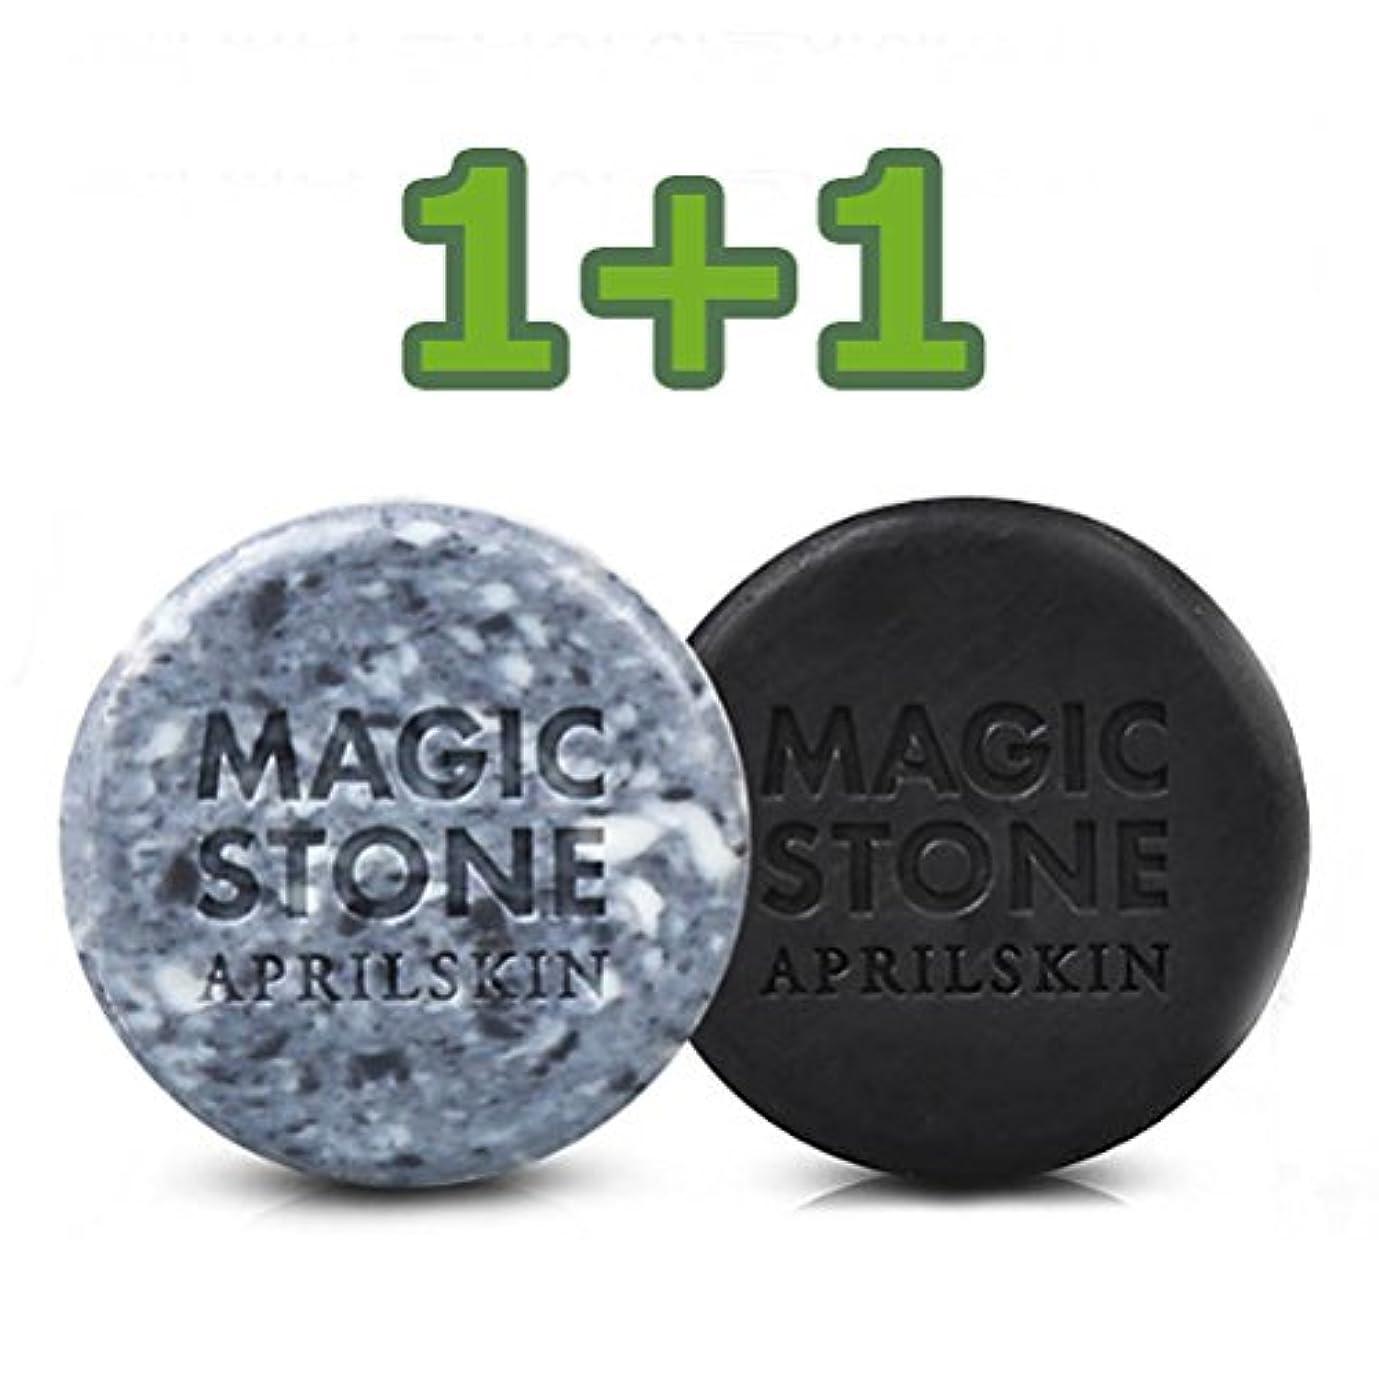 感染するパパピザエイプリルスキン マジックストーンソープ オリジナル&ブラック (Aprilskin Magic Stone Soap Original & Black) 90g * 2個 / 正品?海外直送商品